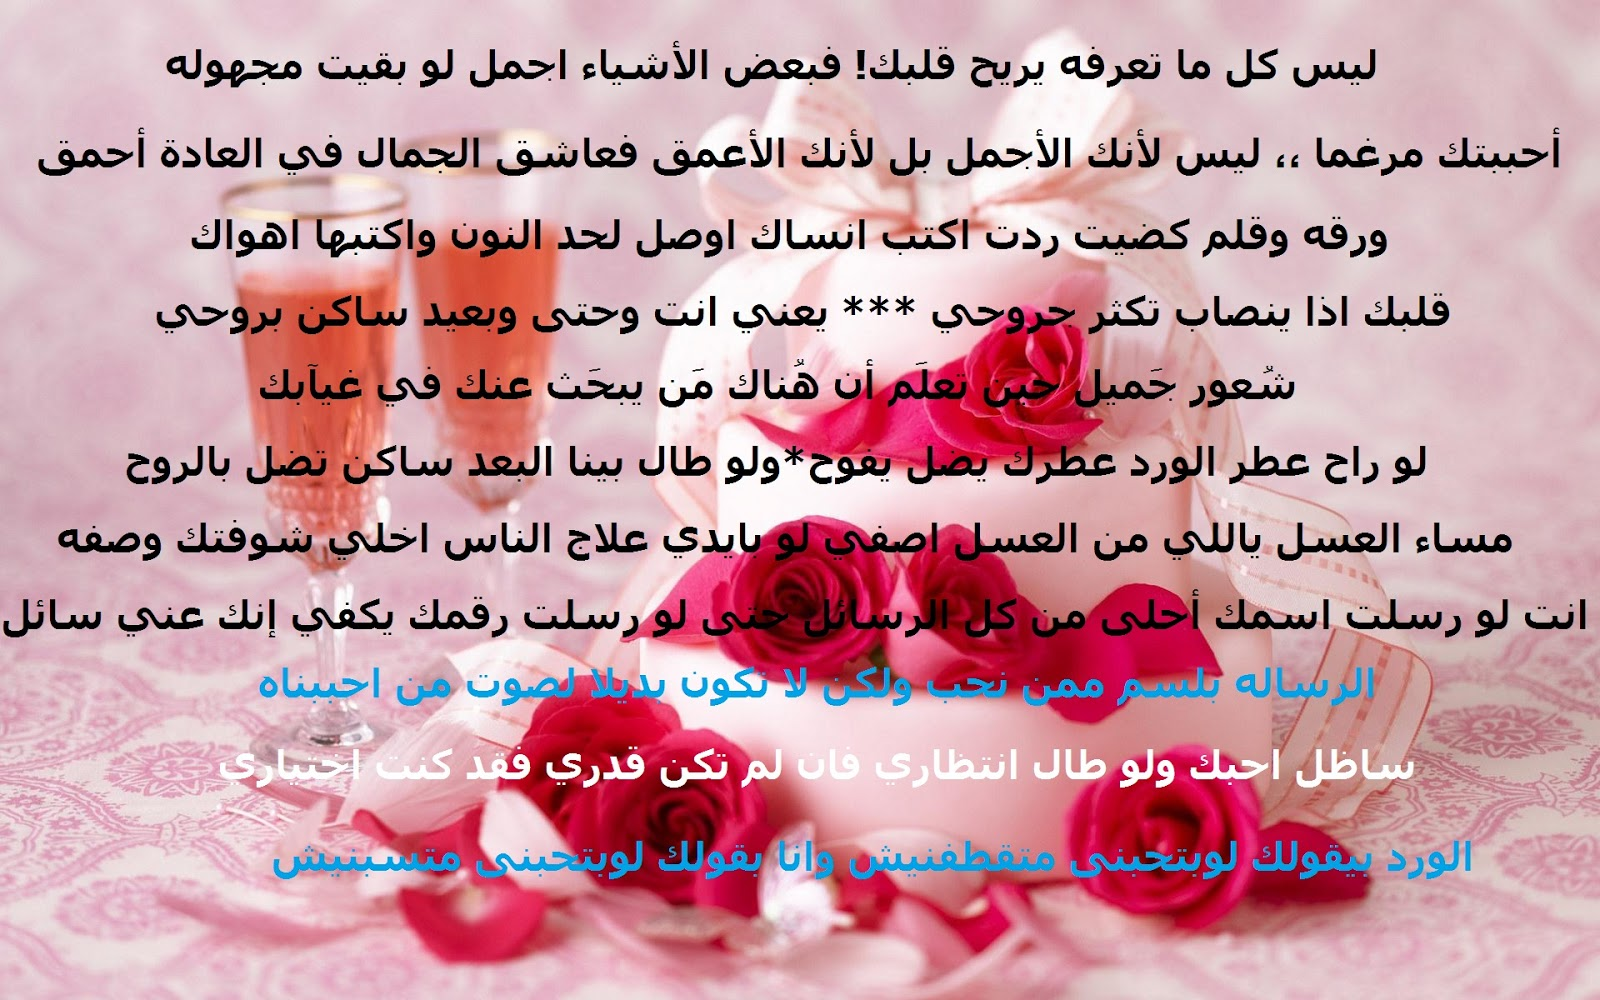 بالصور رسائل حب وعشق , اروع كلمات وعبارات الغرام 6704 6